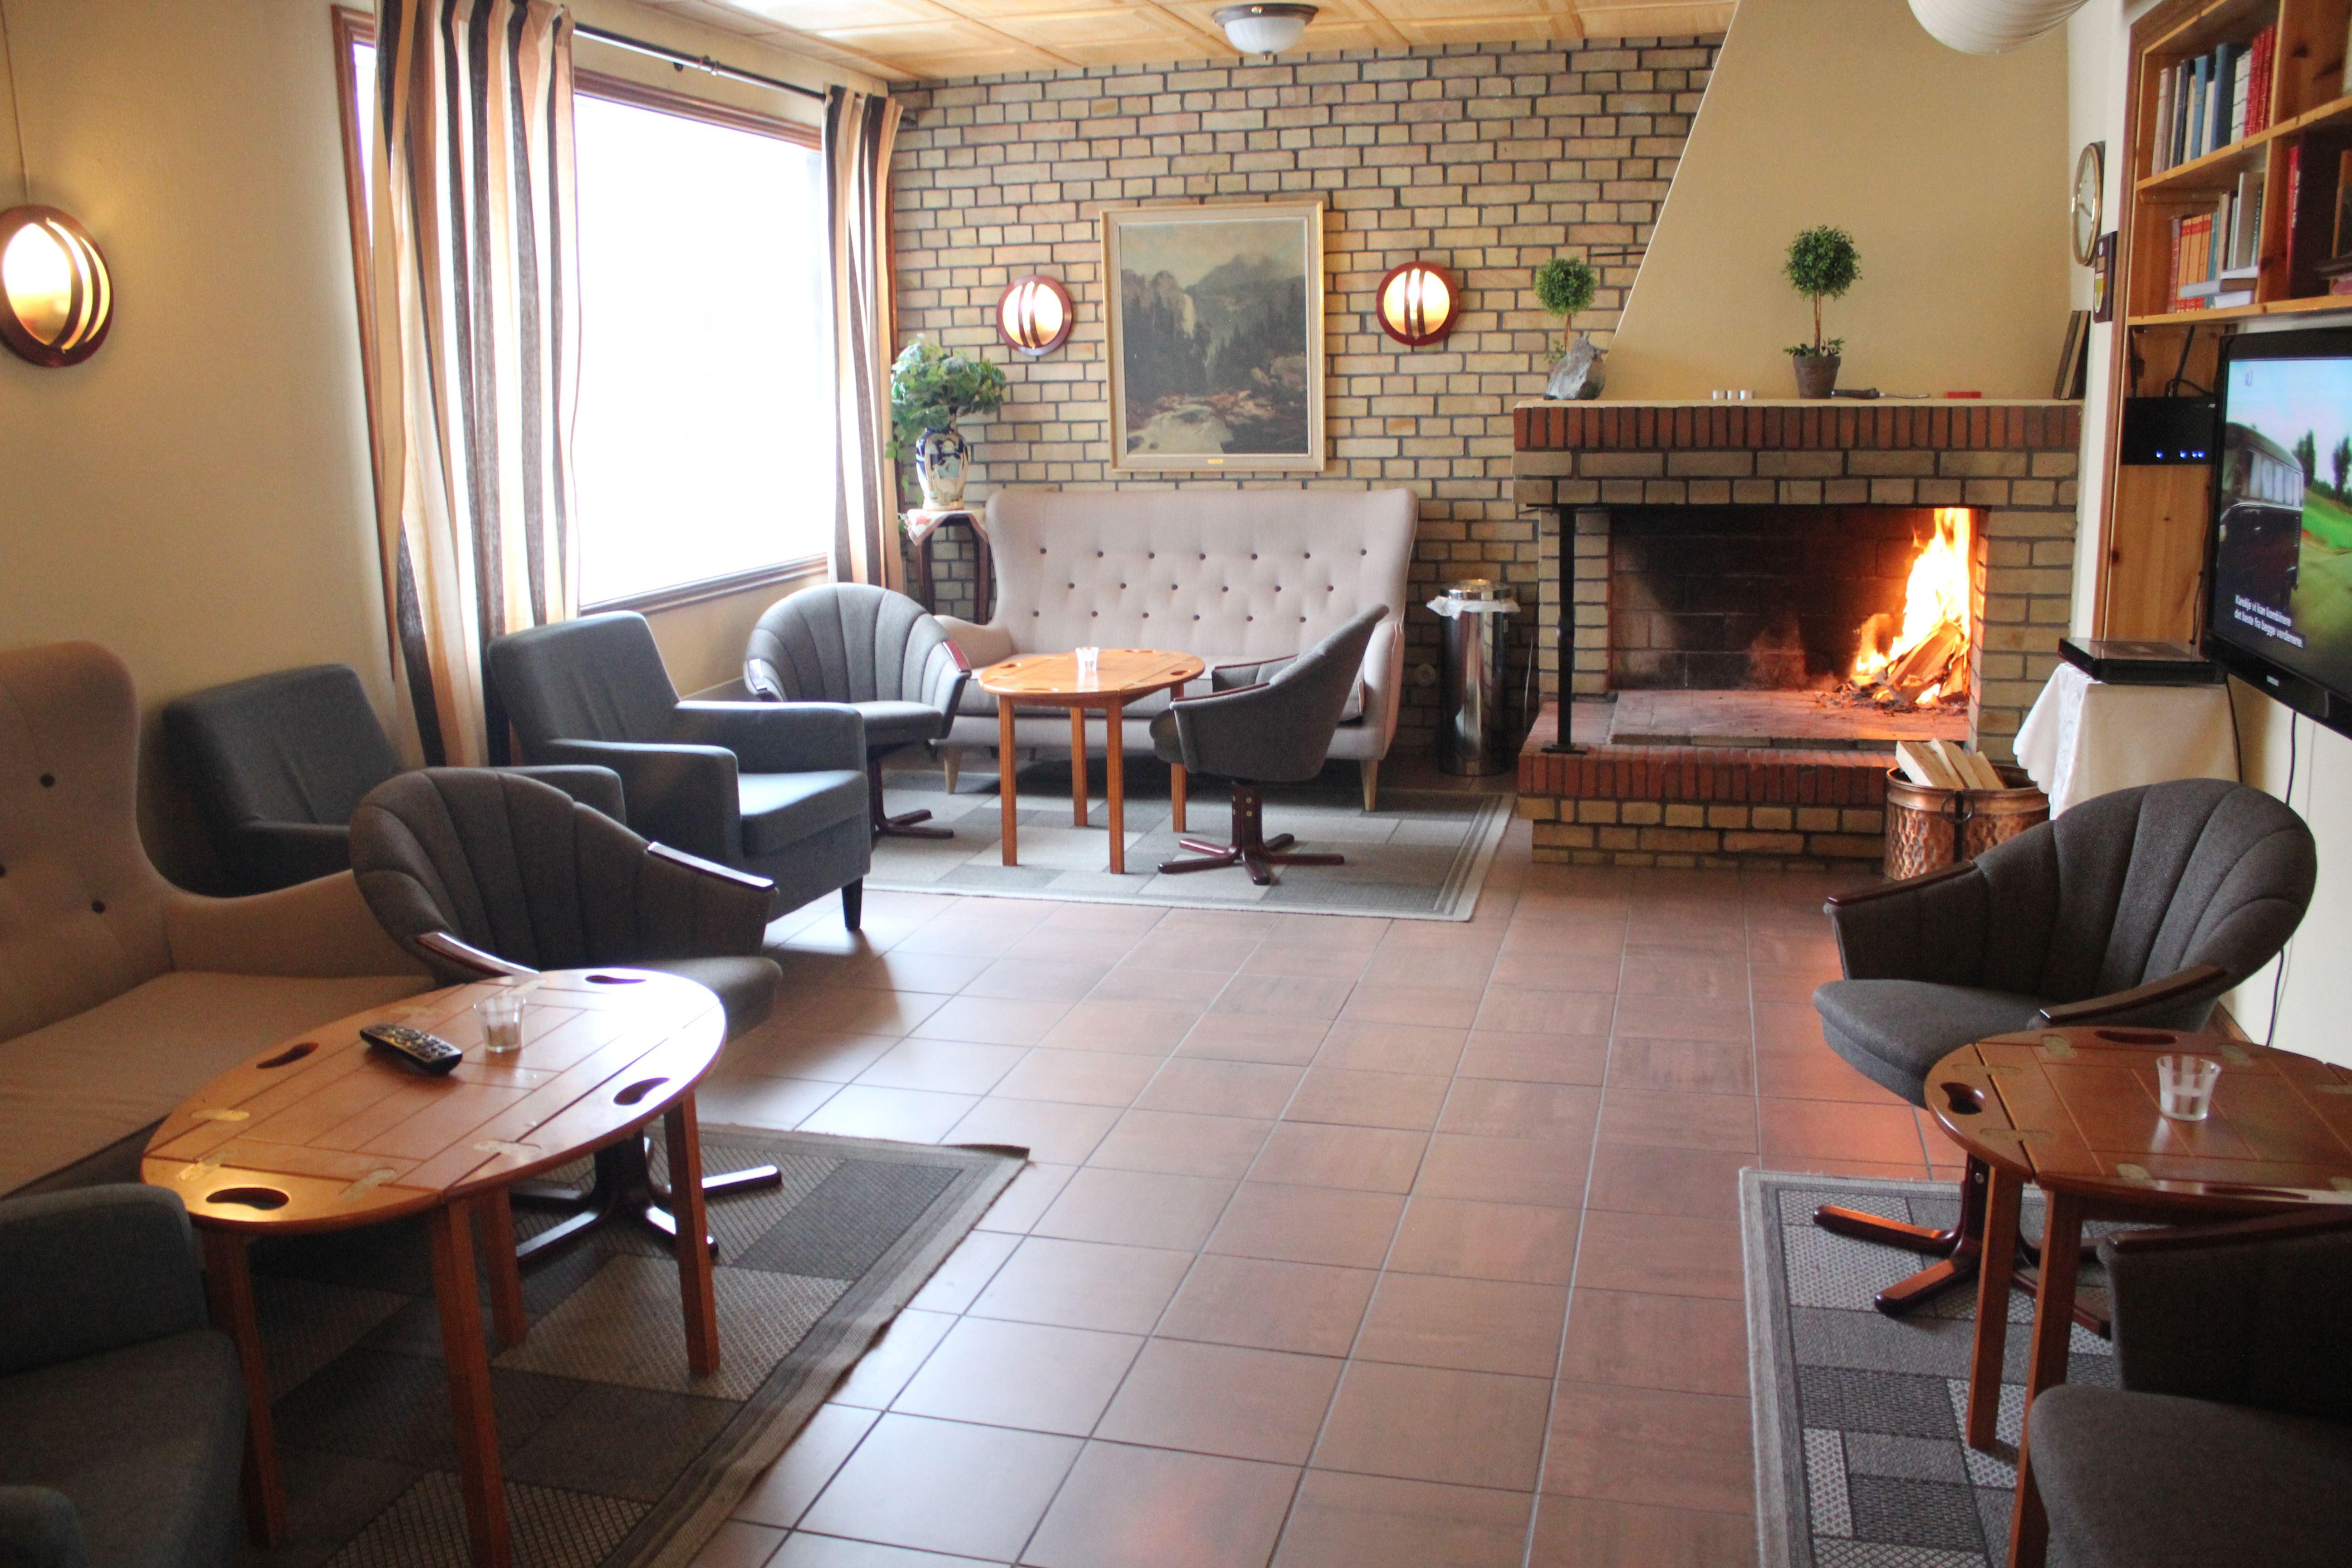 Reisafjord Hotel